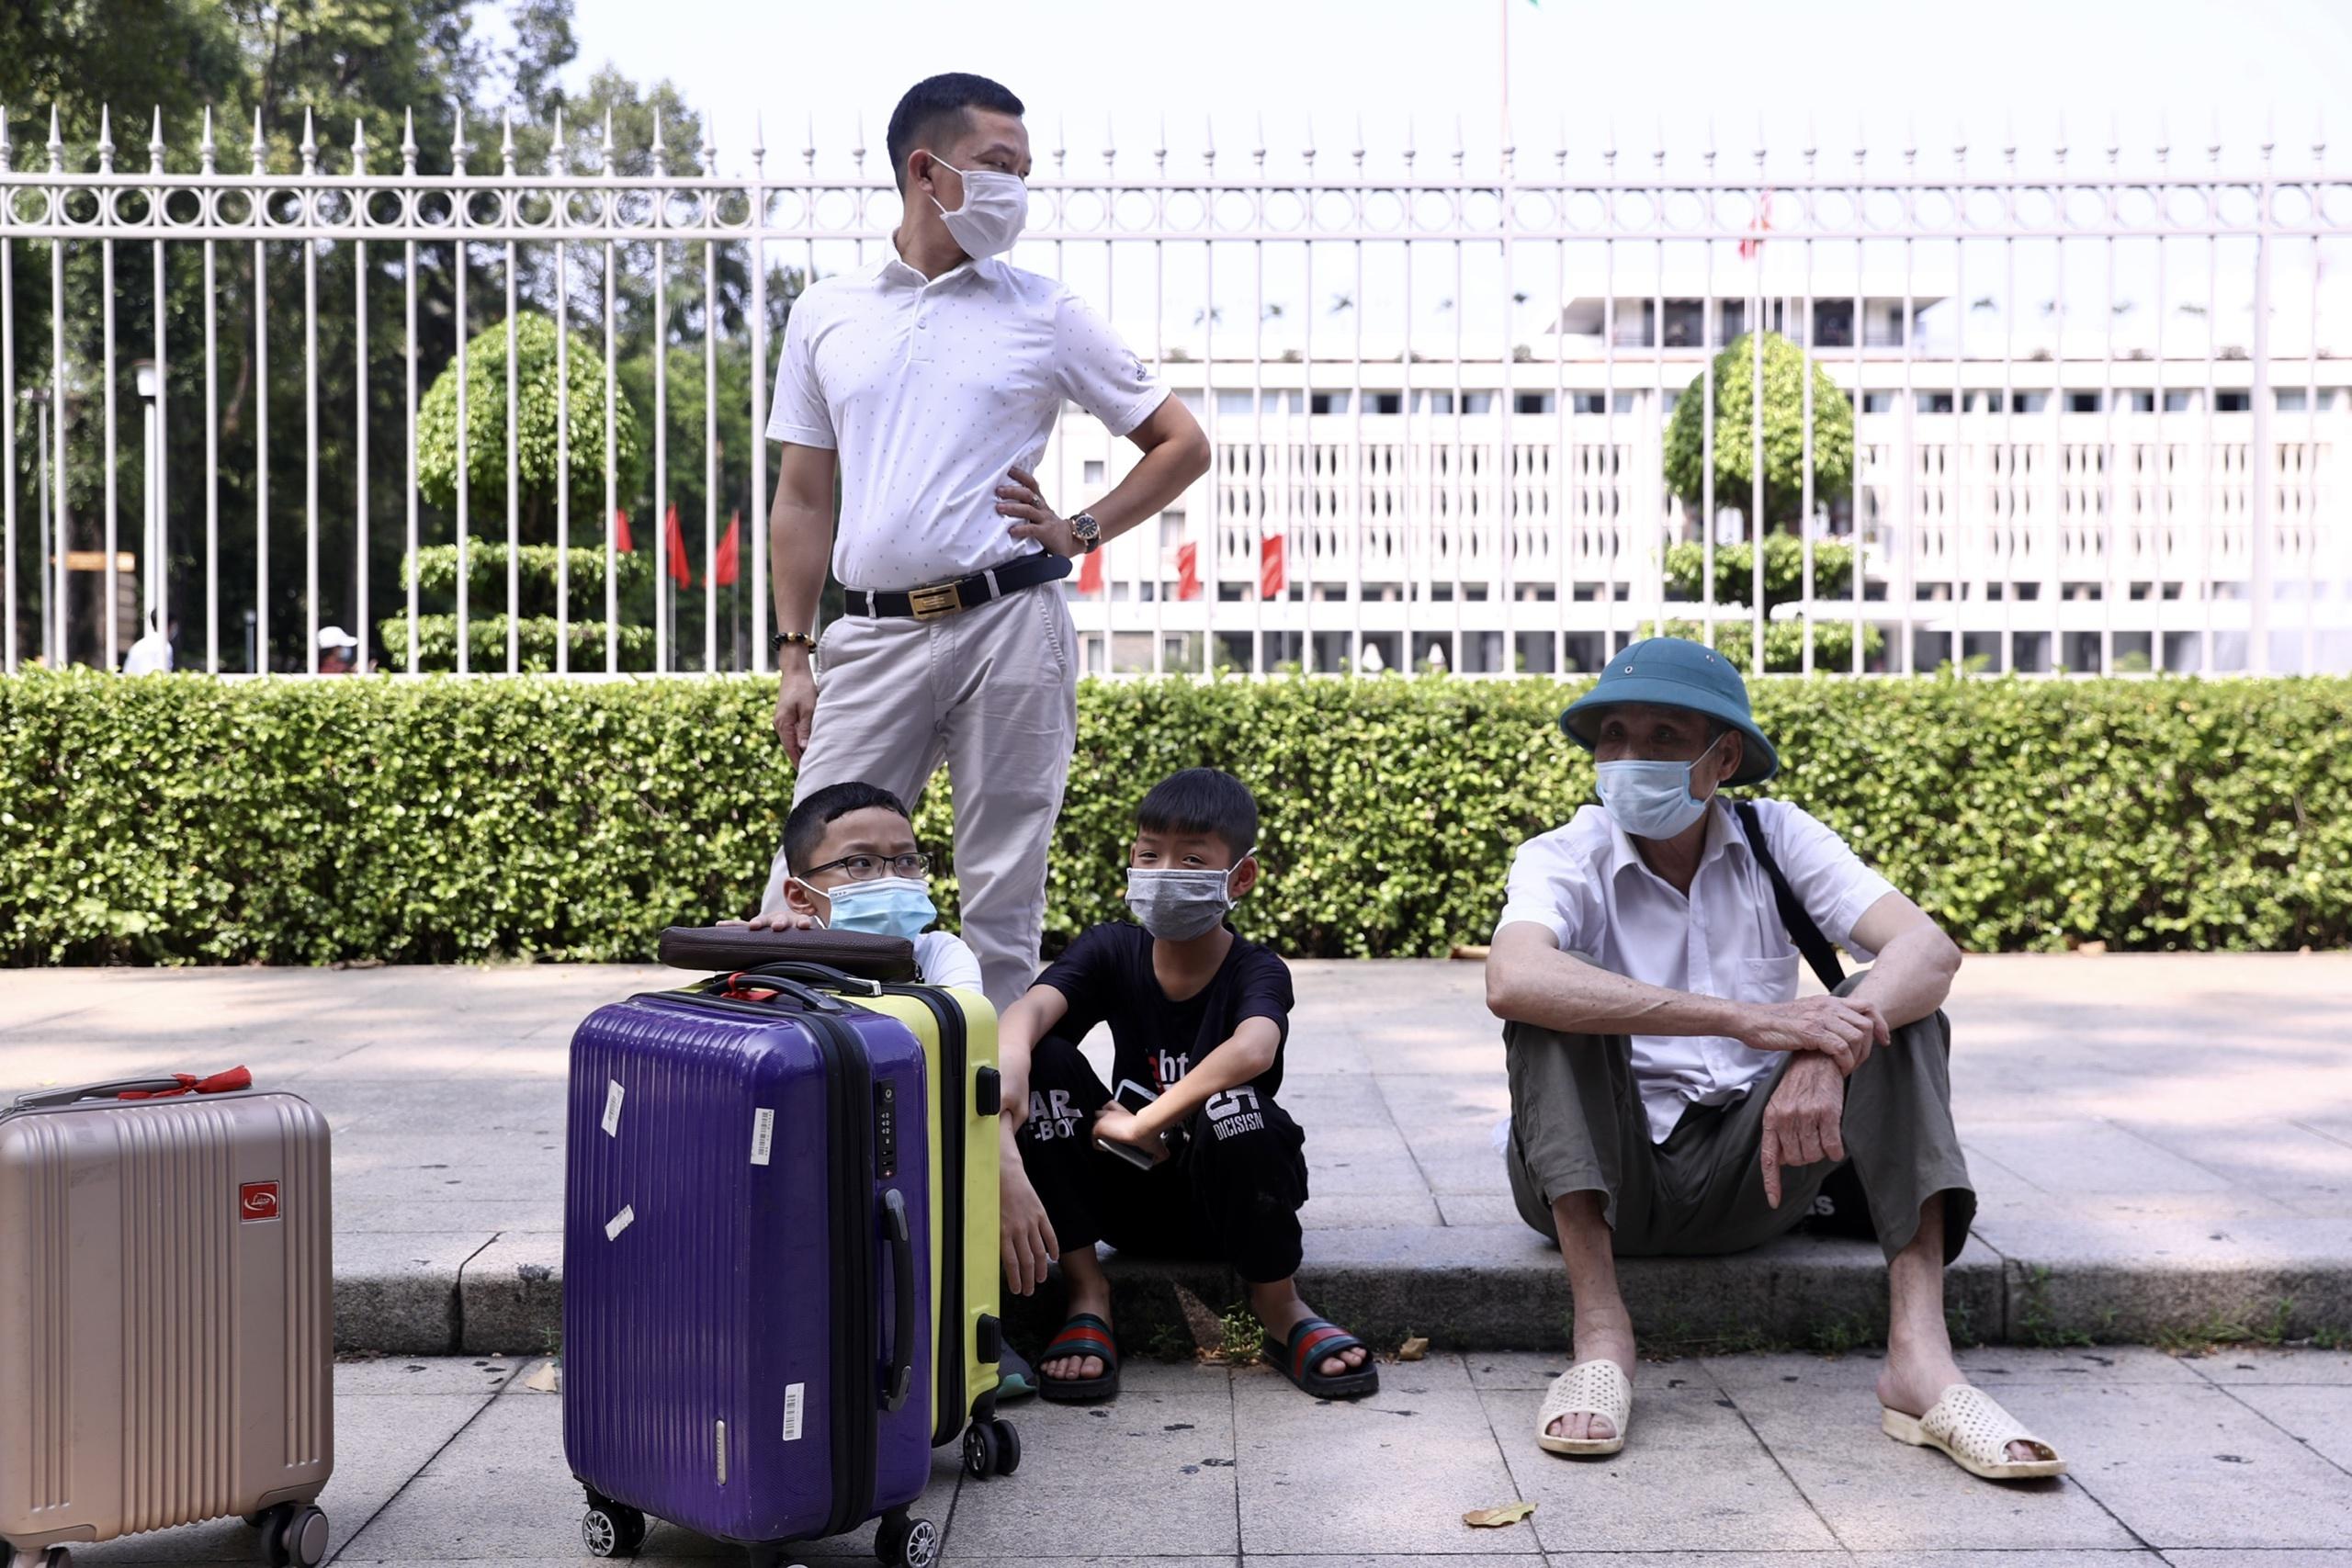 Hàng triệu người du lịch khắp cả nước 4 ngày nghỉ lễ - Ảnh 20.